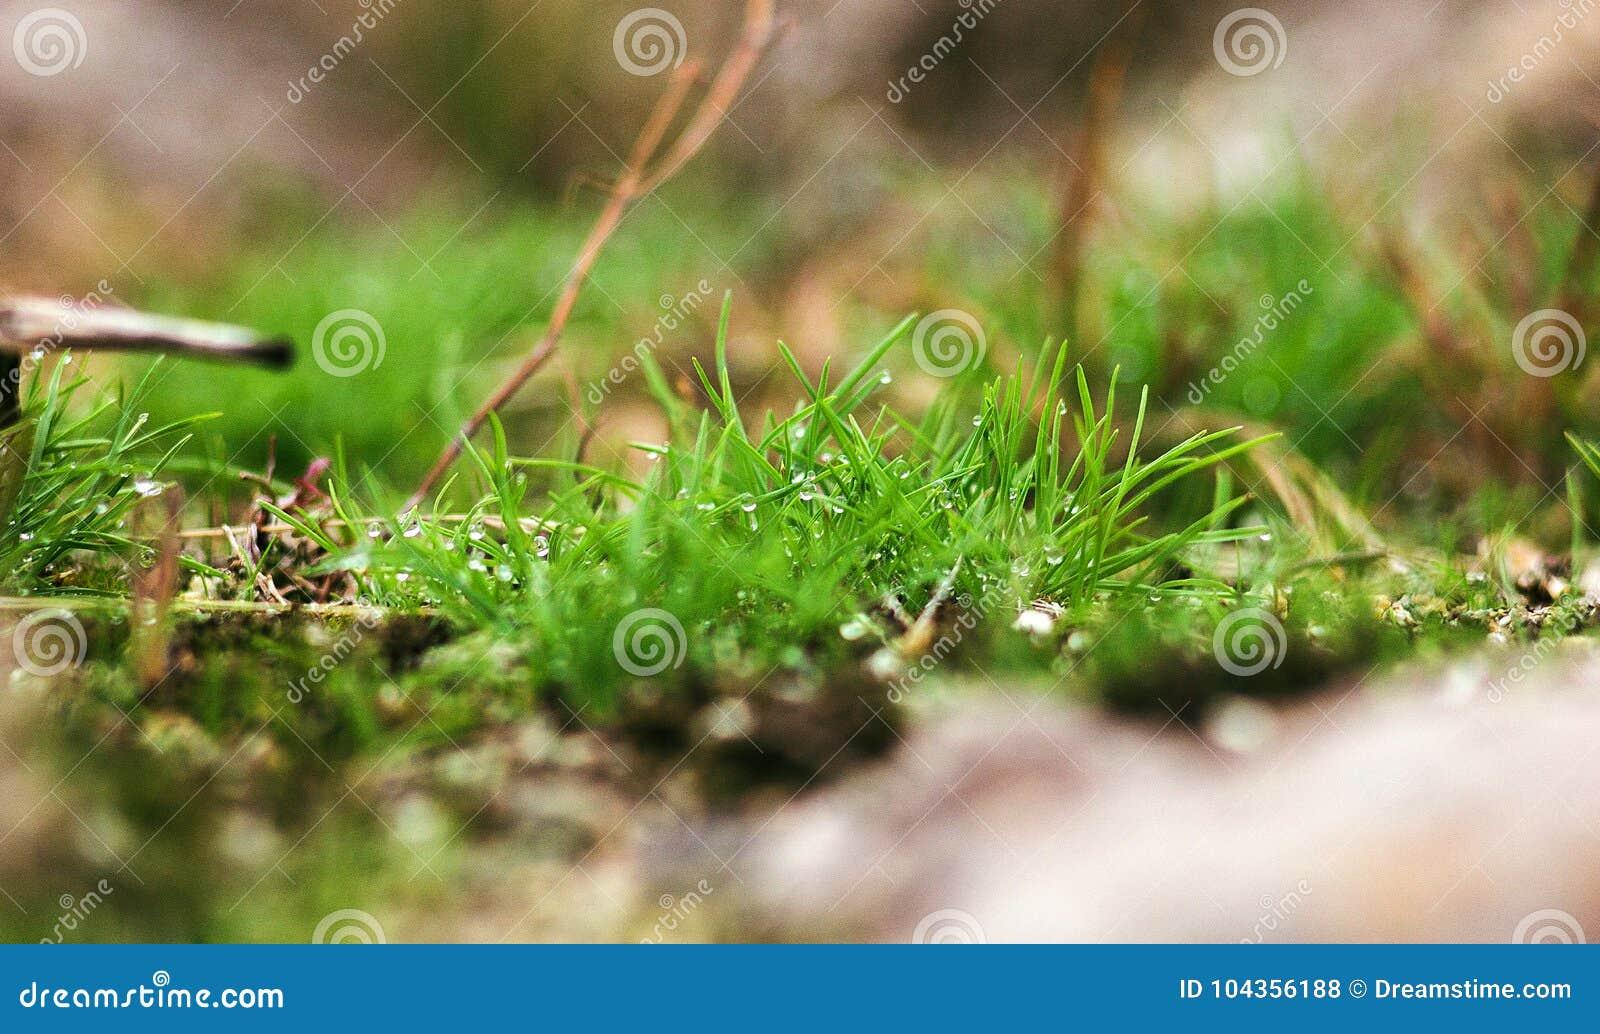 Tautropfen auf grünem Gras